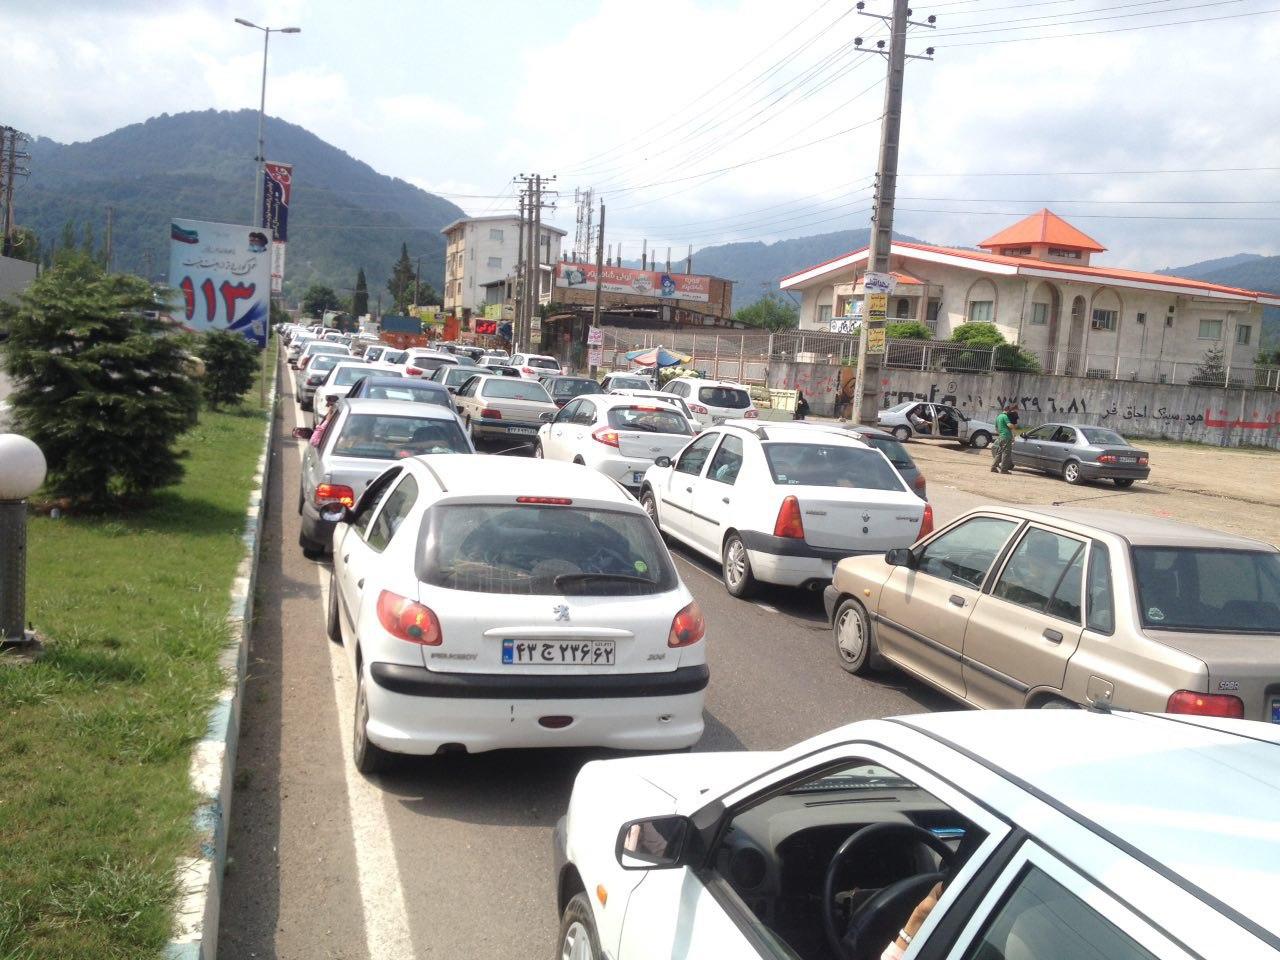 ترافیک سنگین، روز عید فطر در جاده های مازندران